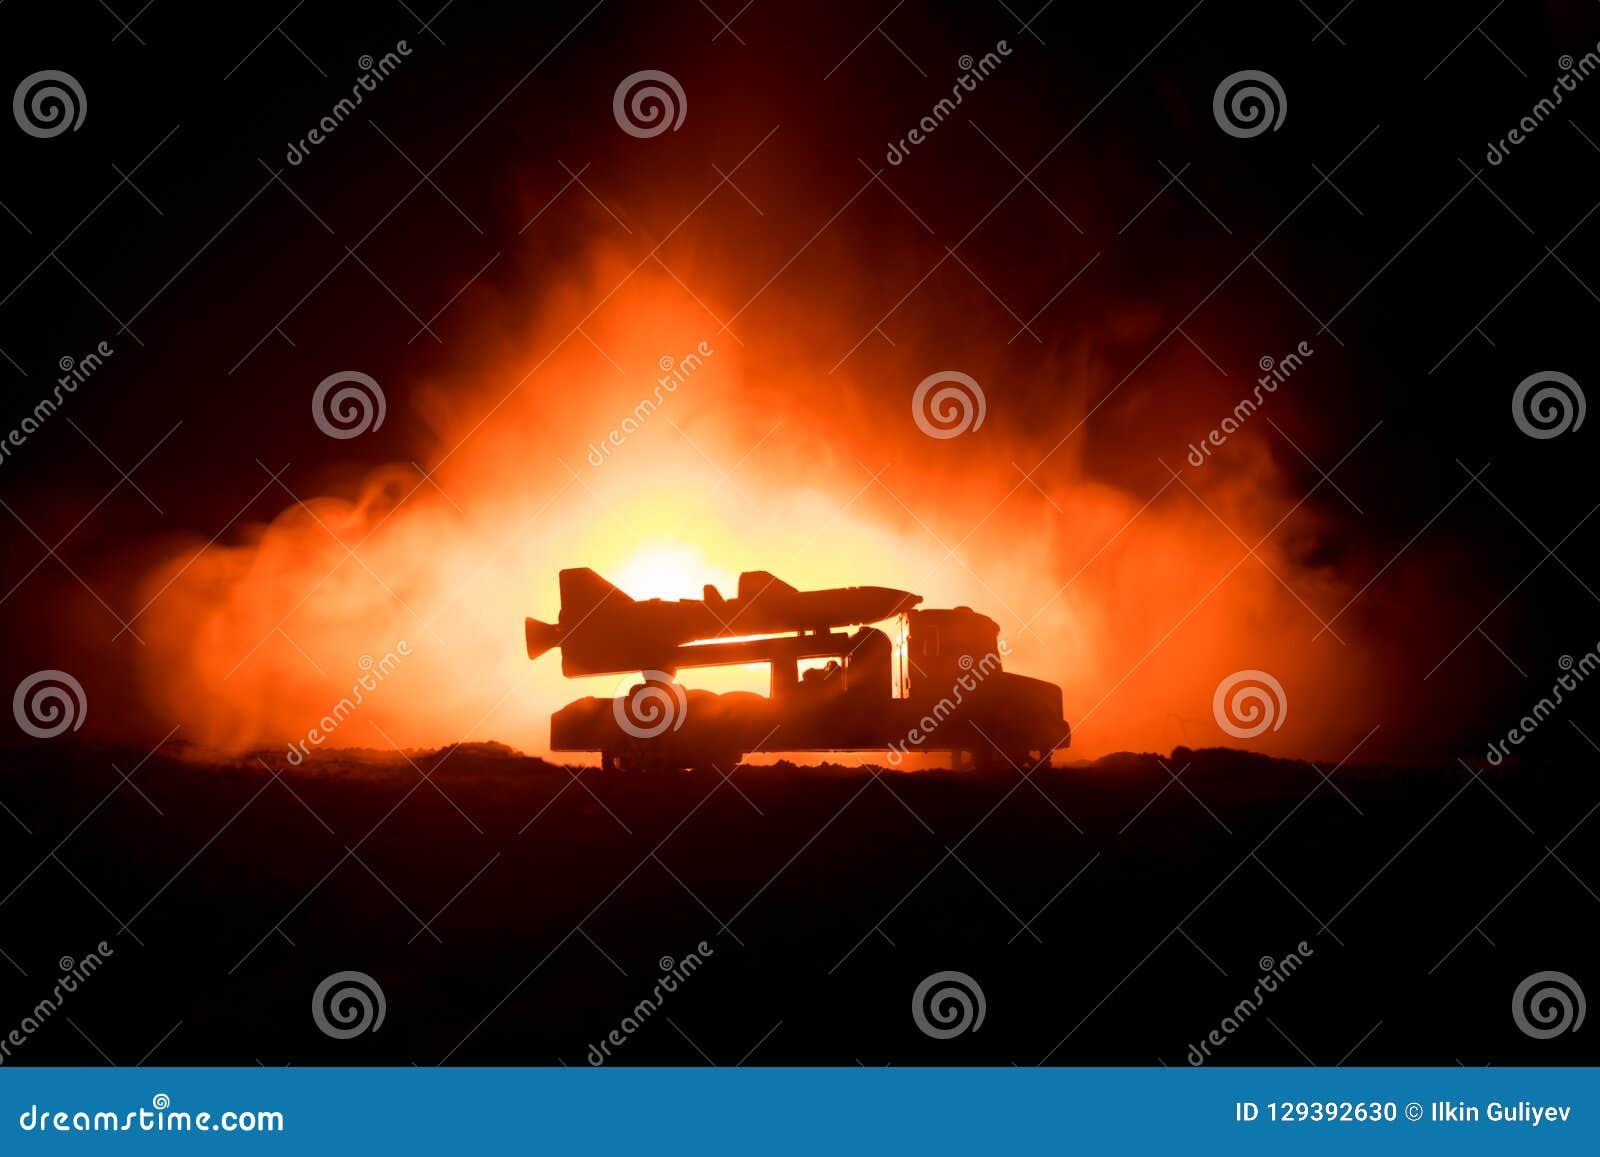 Lançamento de Rocket com nuvens do fogo A cena de batalha com os mísseis do foguete com ogiva visou o céu sombrio na noite Veícul